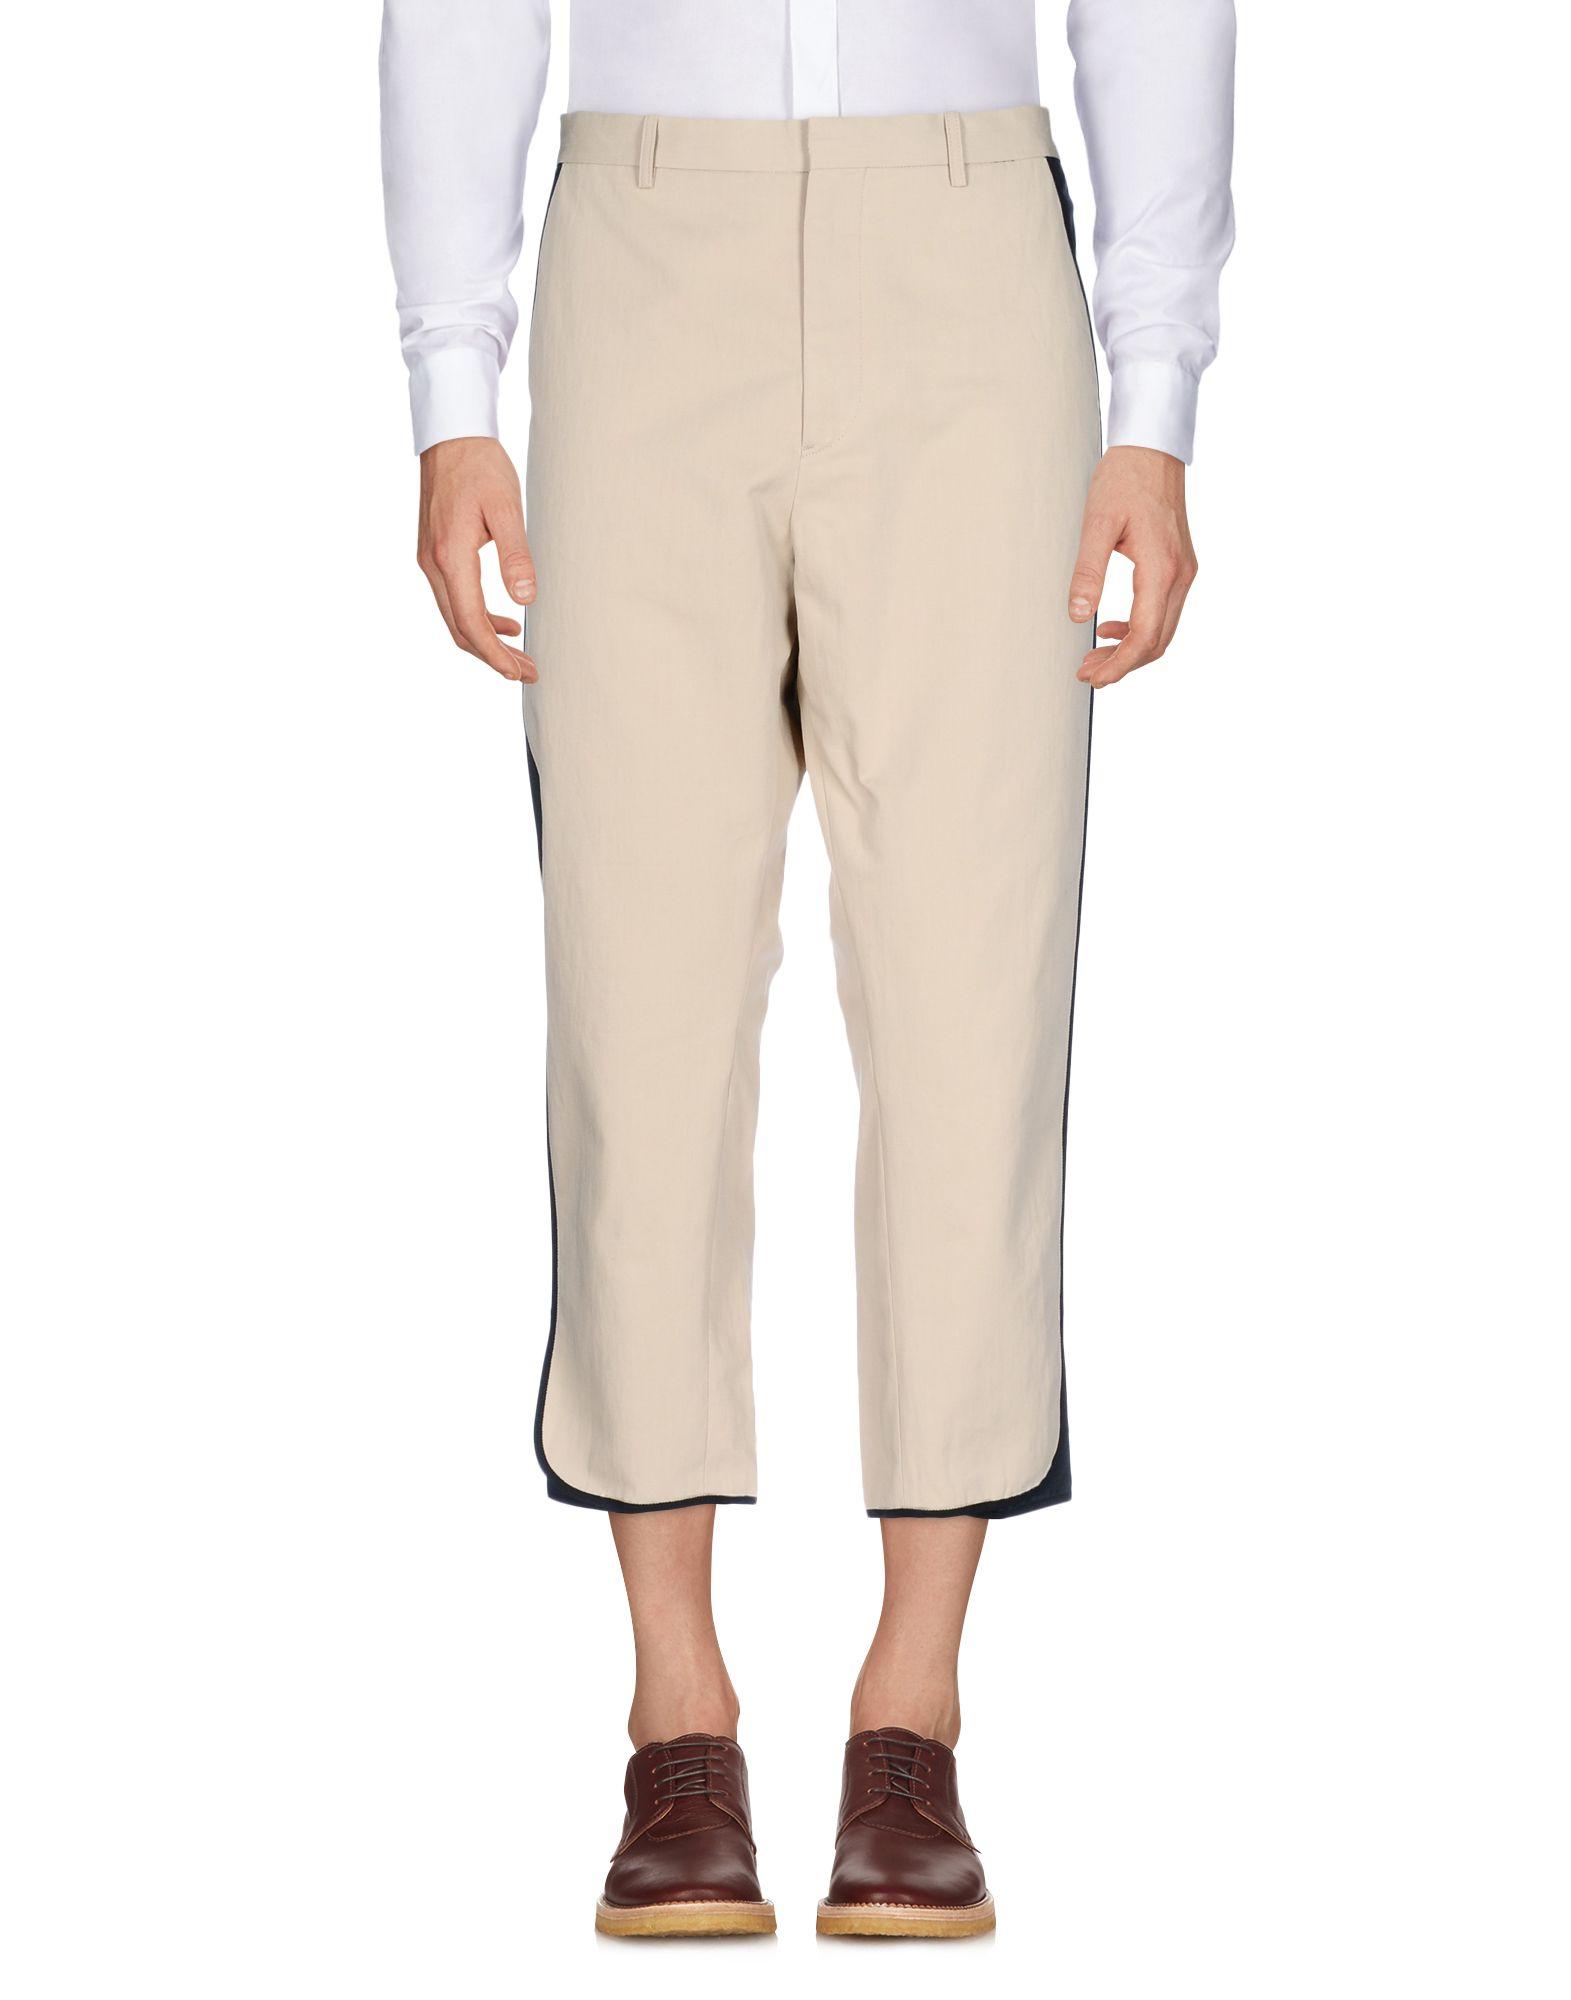 Pantalone Ports 1961 Uomo - Acquista online su